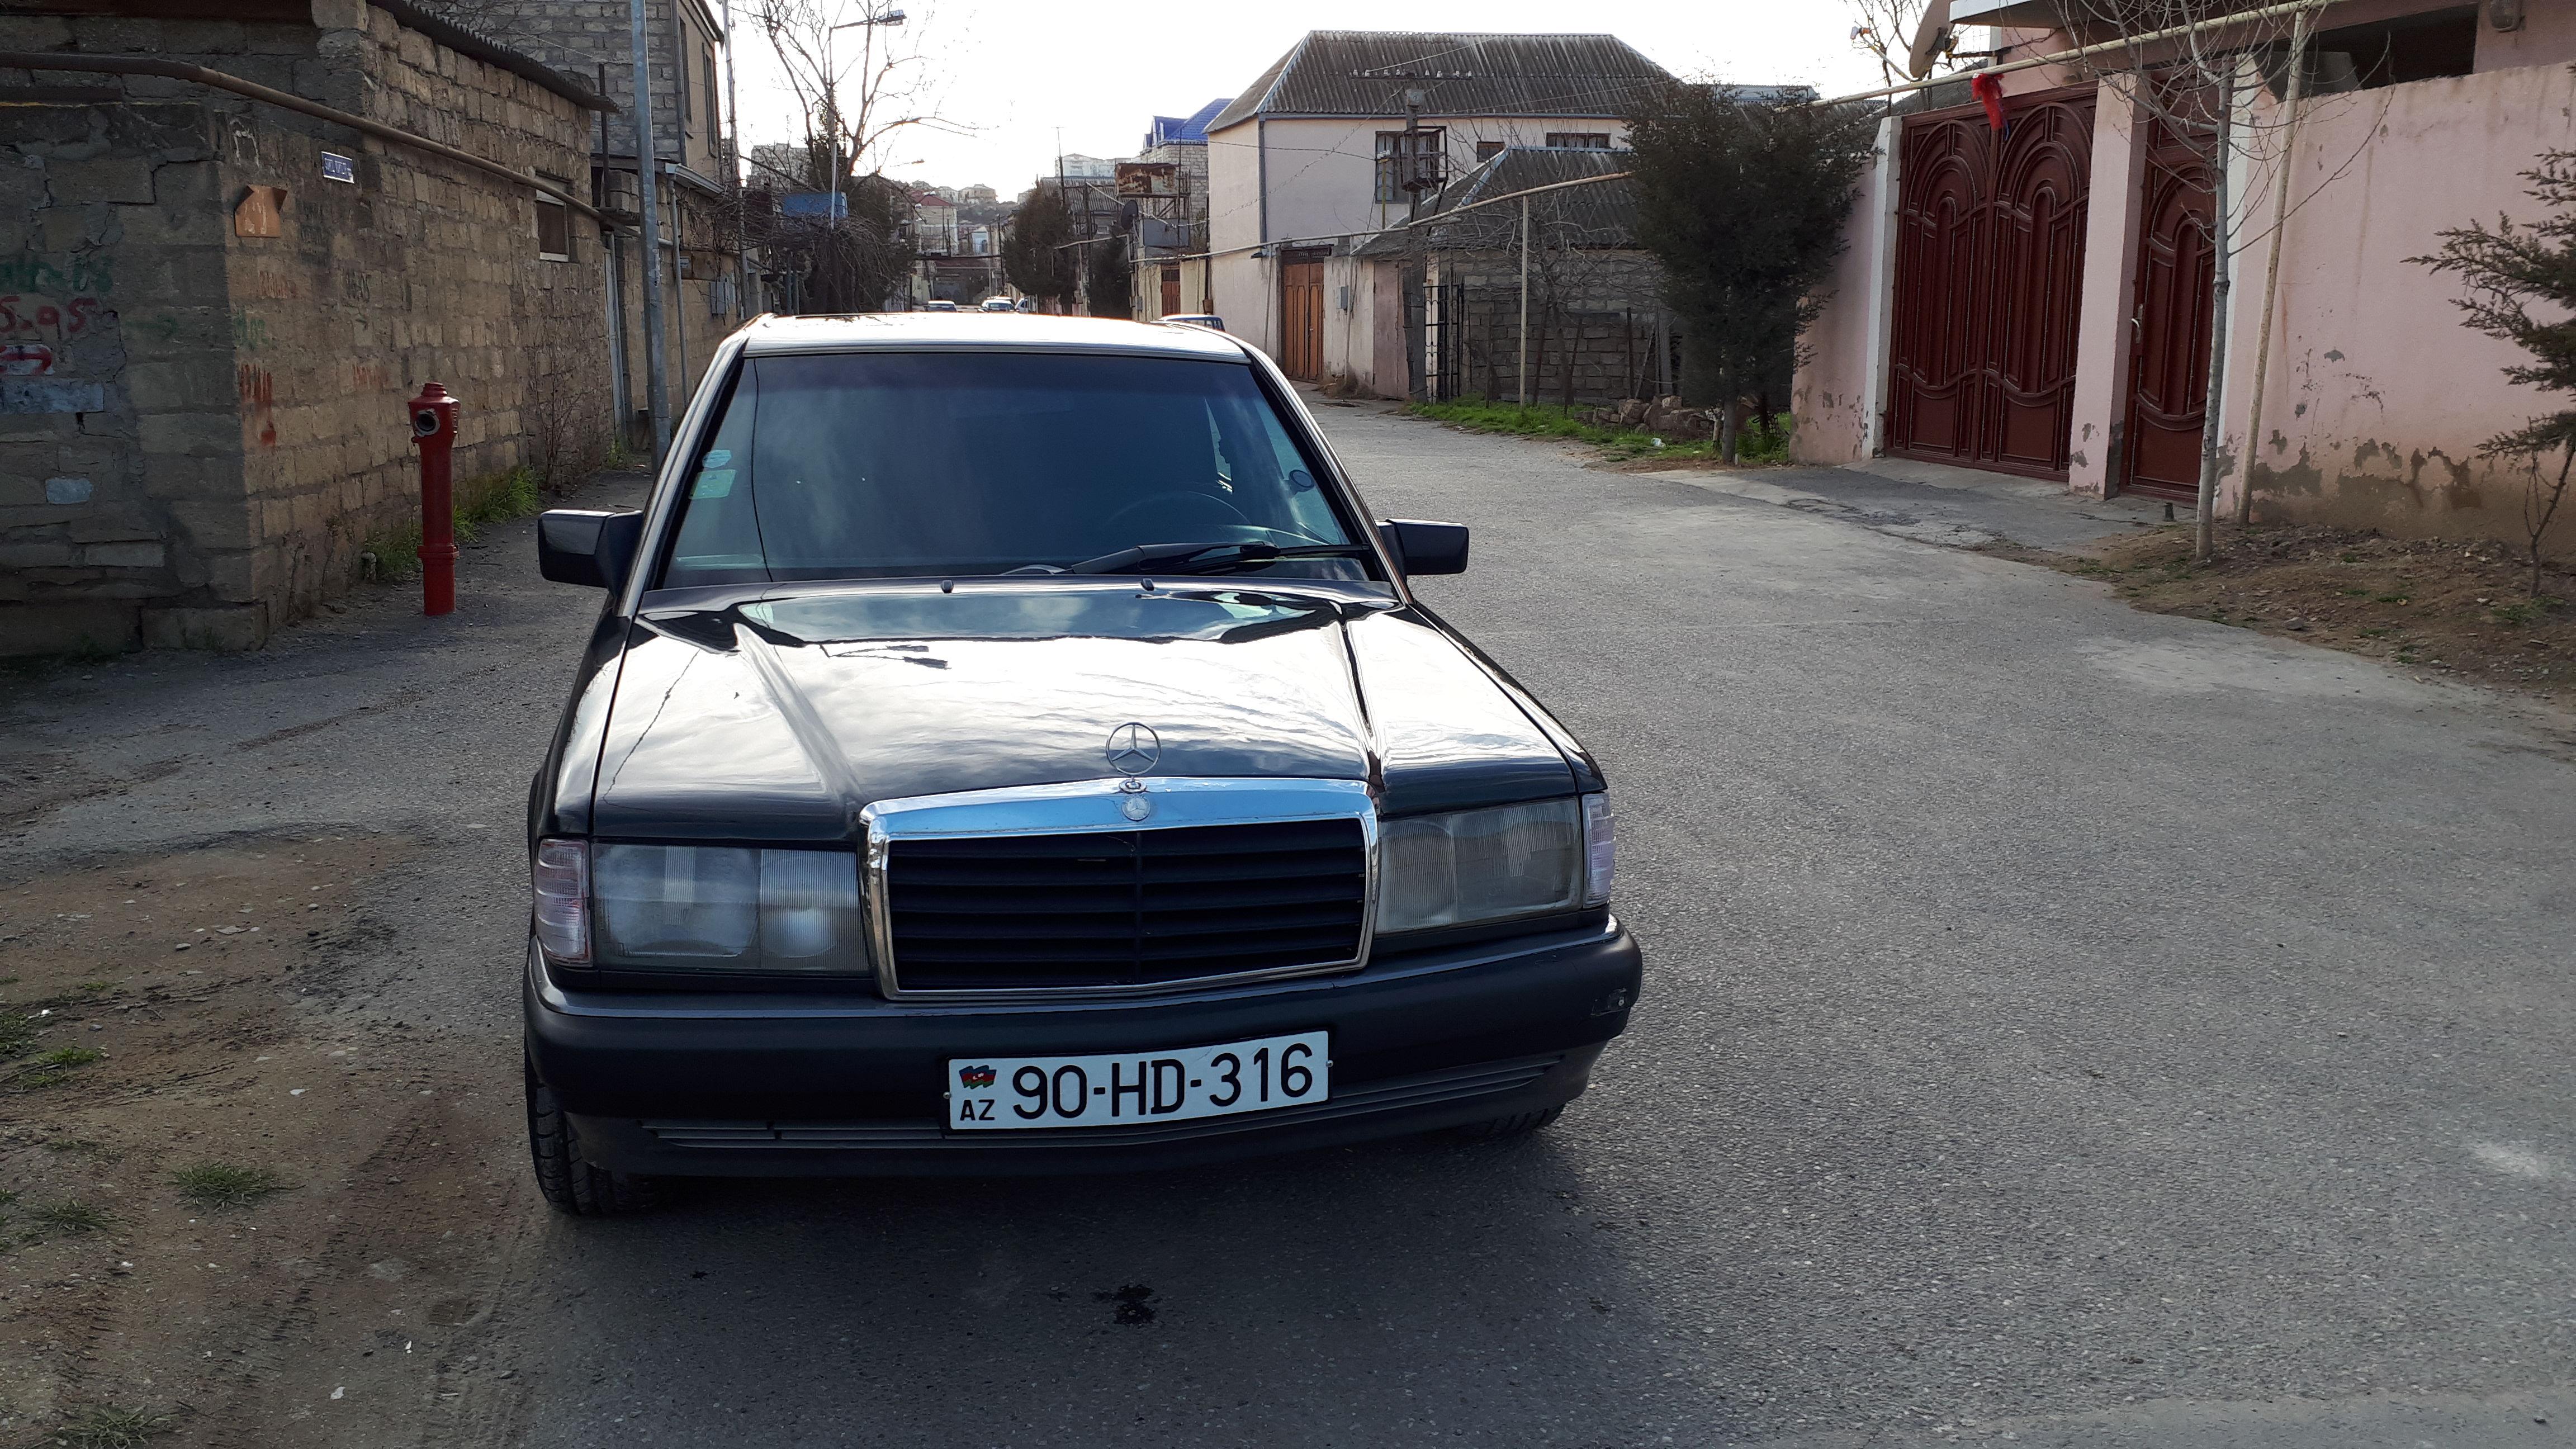 Mercedes-Benz 190 2.0(lt) 1991 Подержанный  $1800